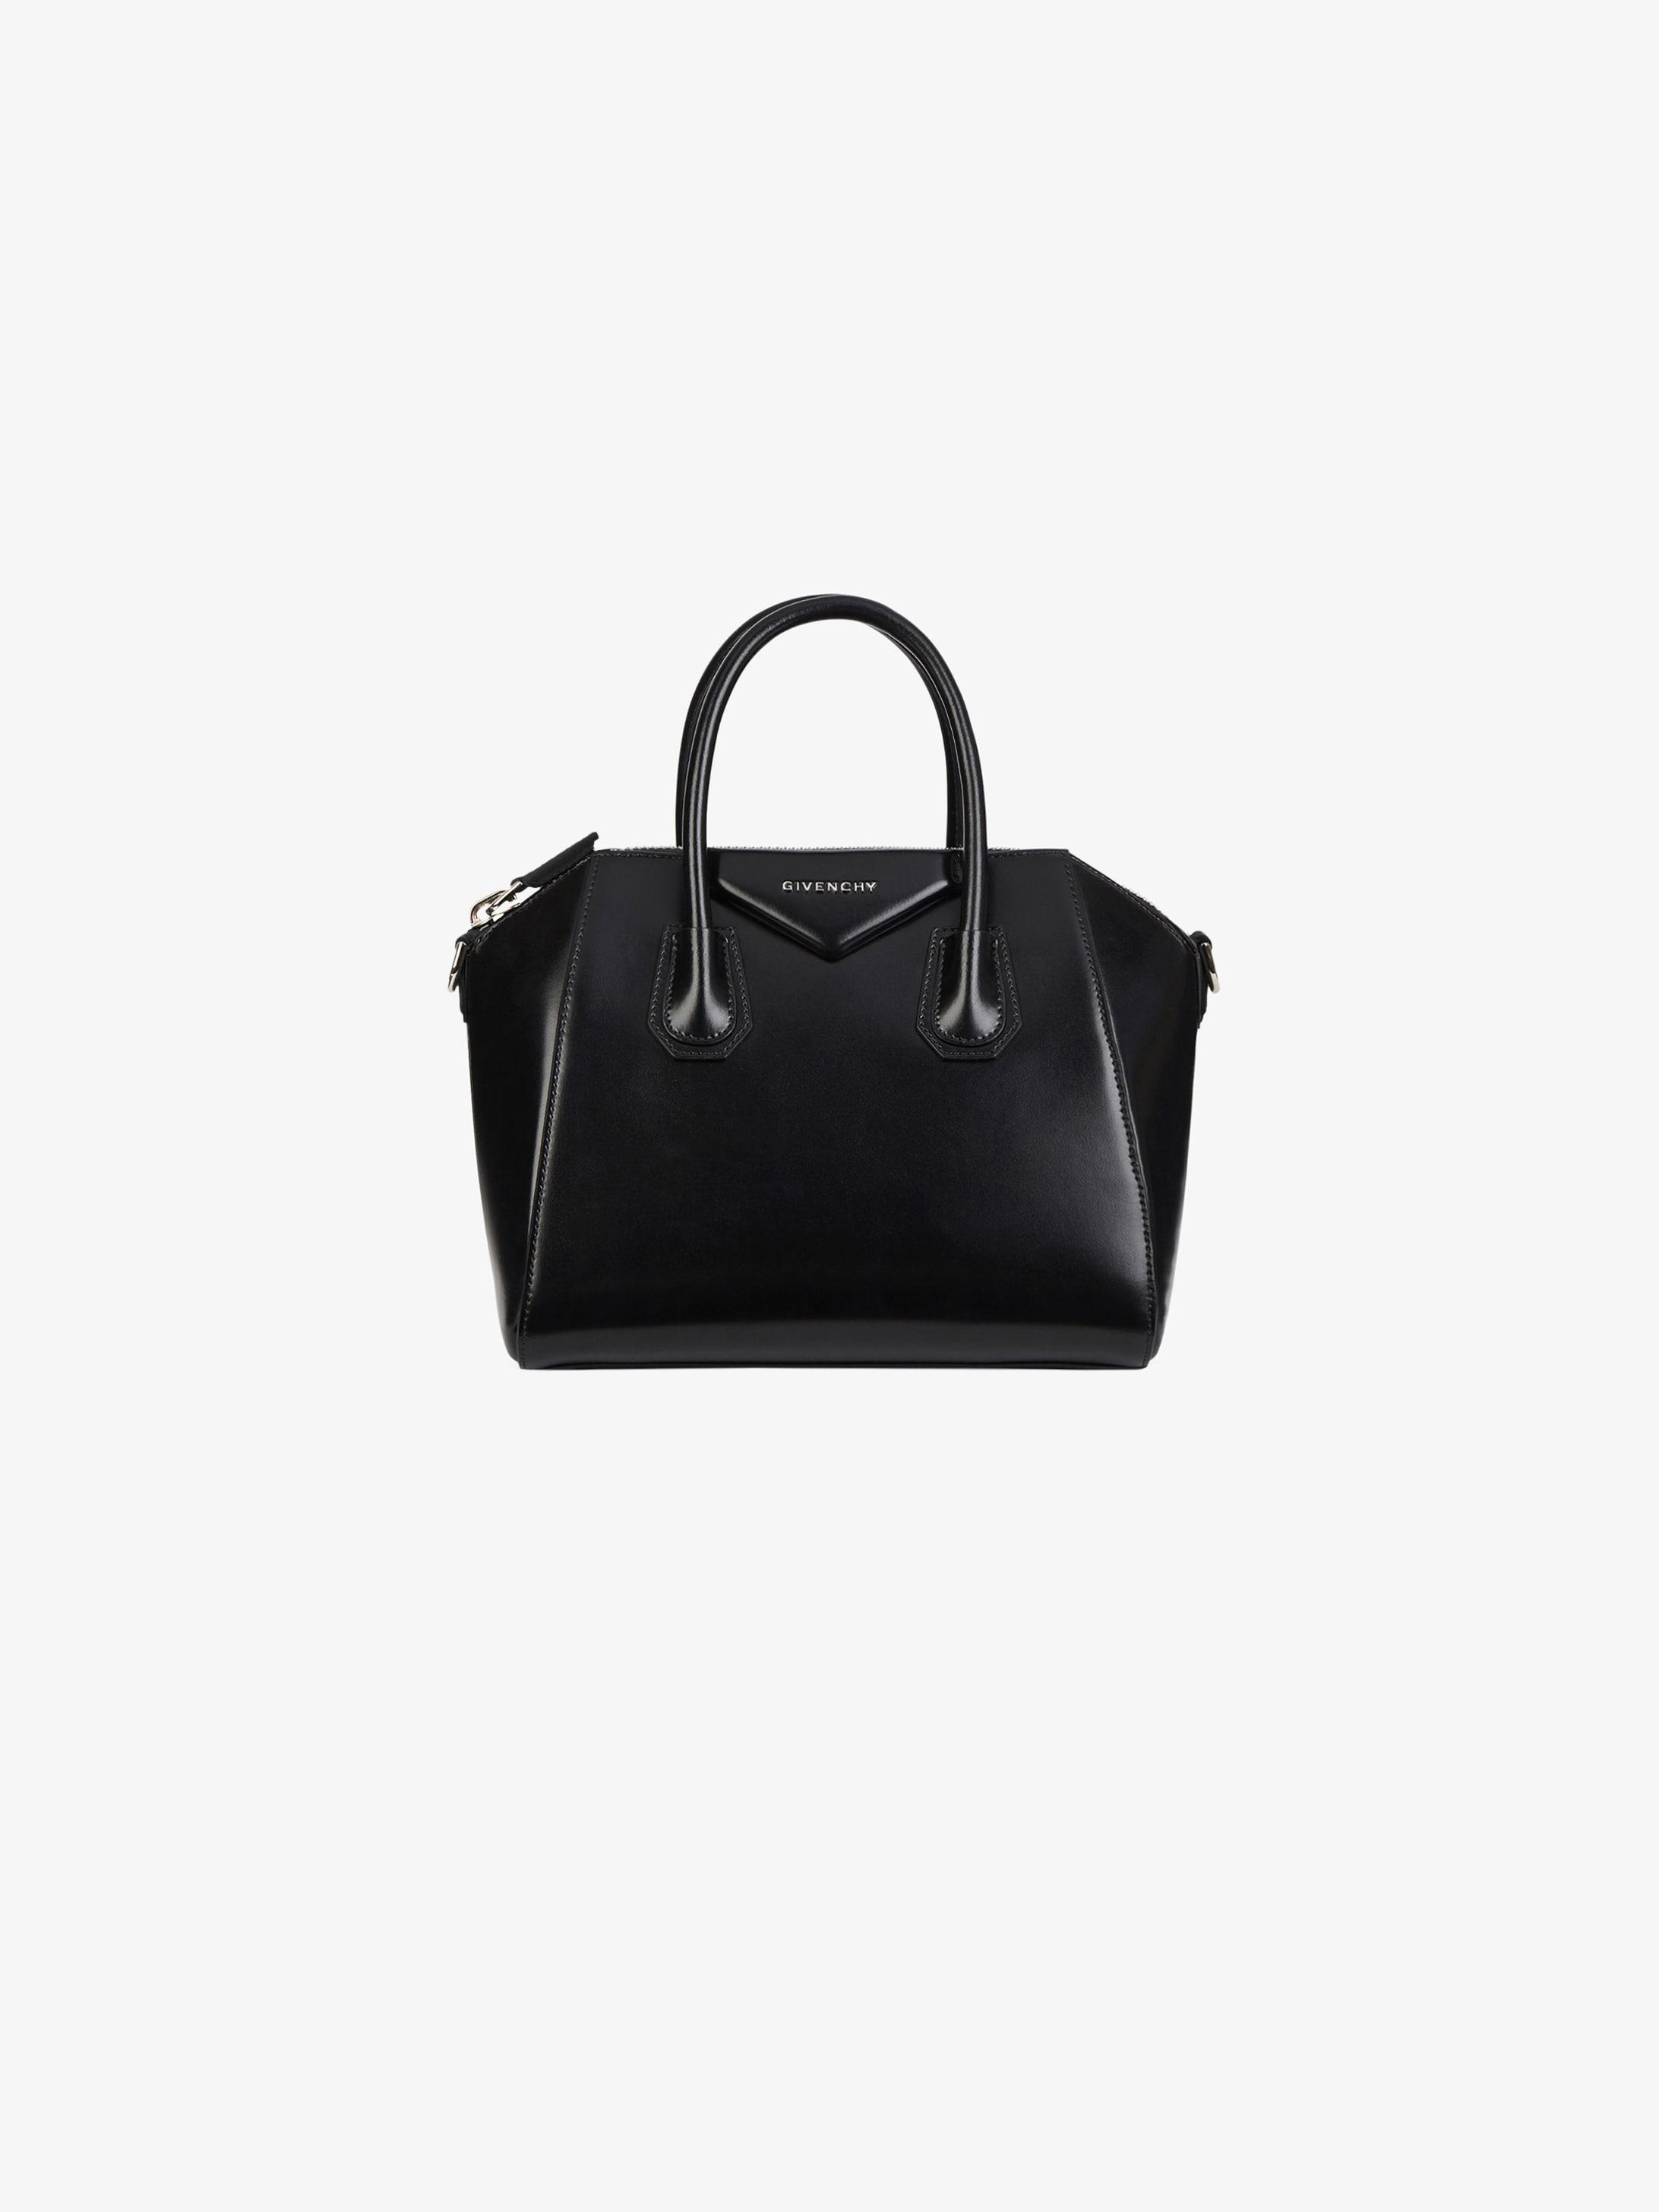 f2cca8655c24c Givenchy Small Antigona bag | GIVENCHY Paris